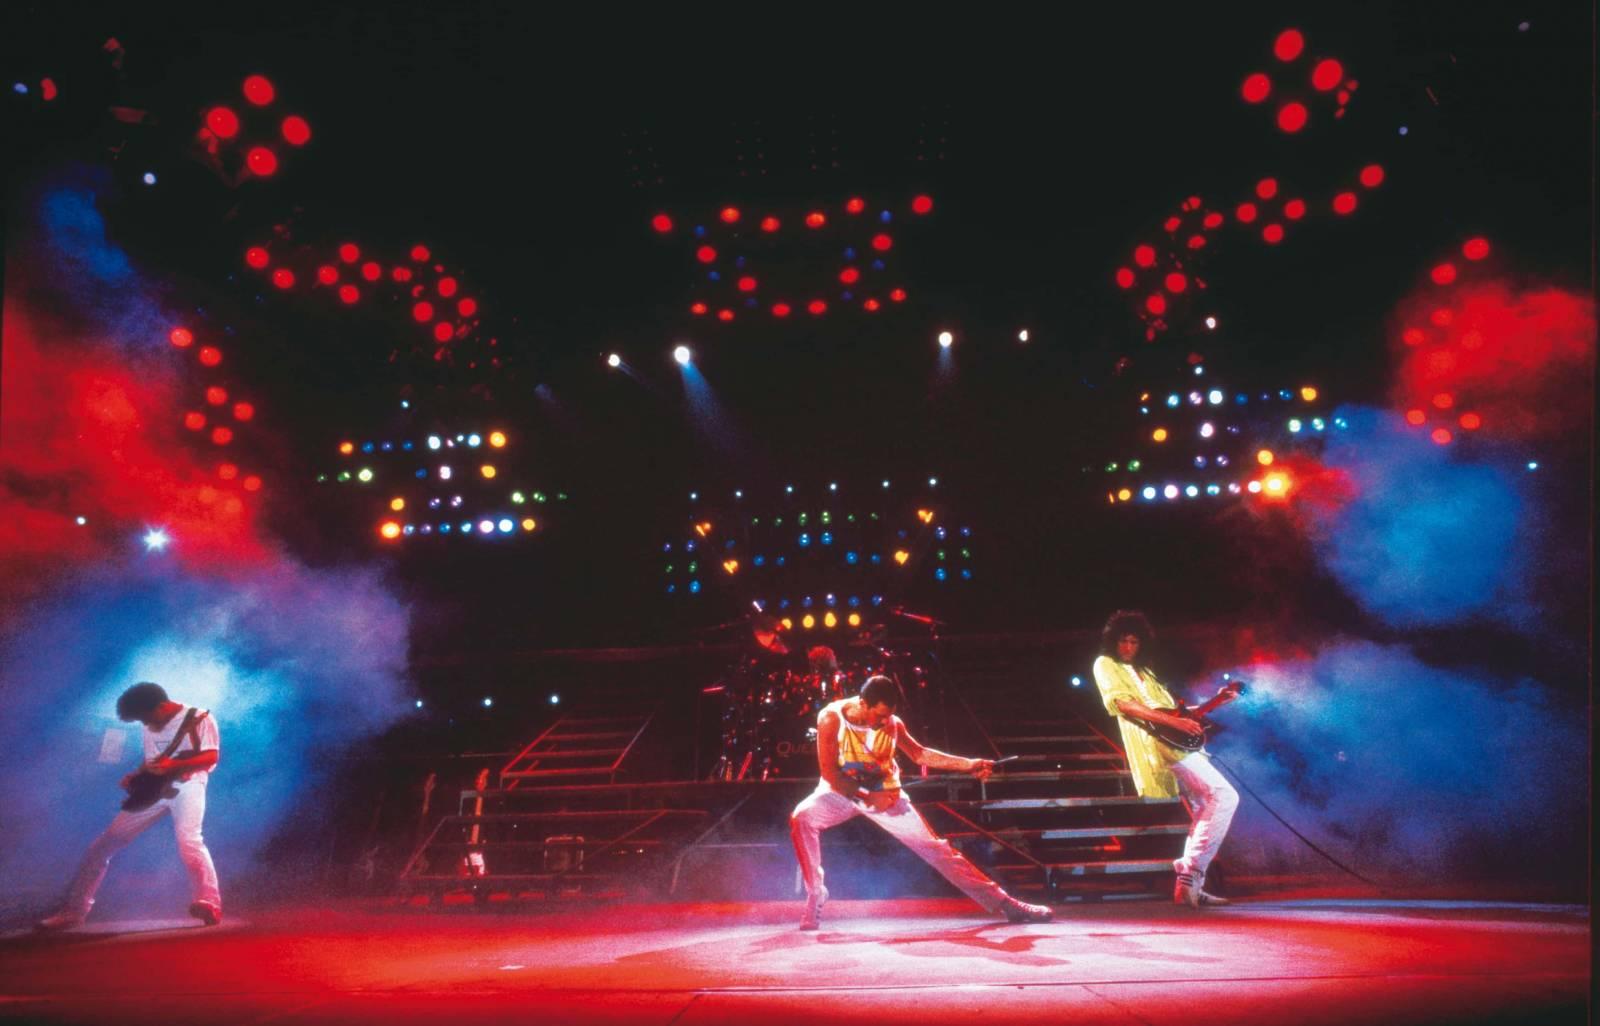 Queen vydali vlastní hru, fanouškům nabízí nejúžasnější kapelní momenty a exkluzivní vhled do archivů formace